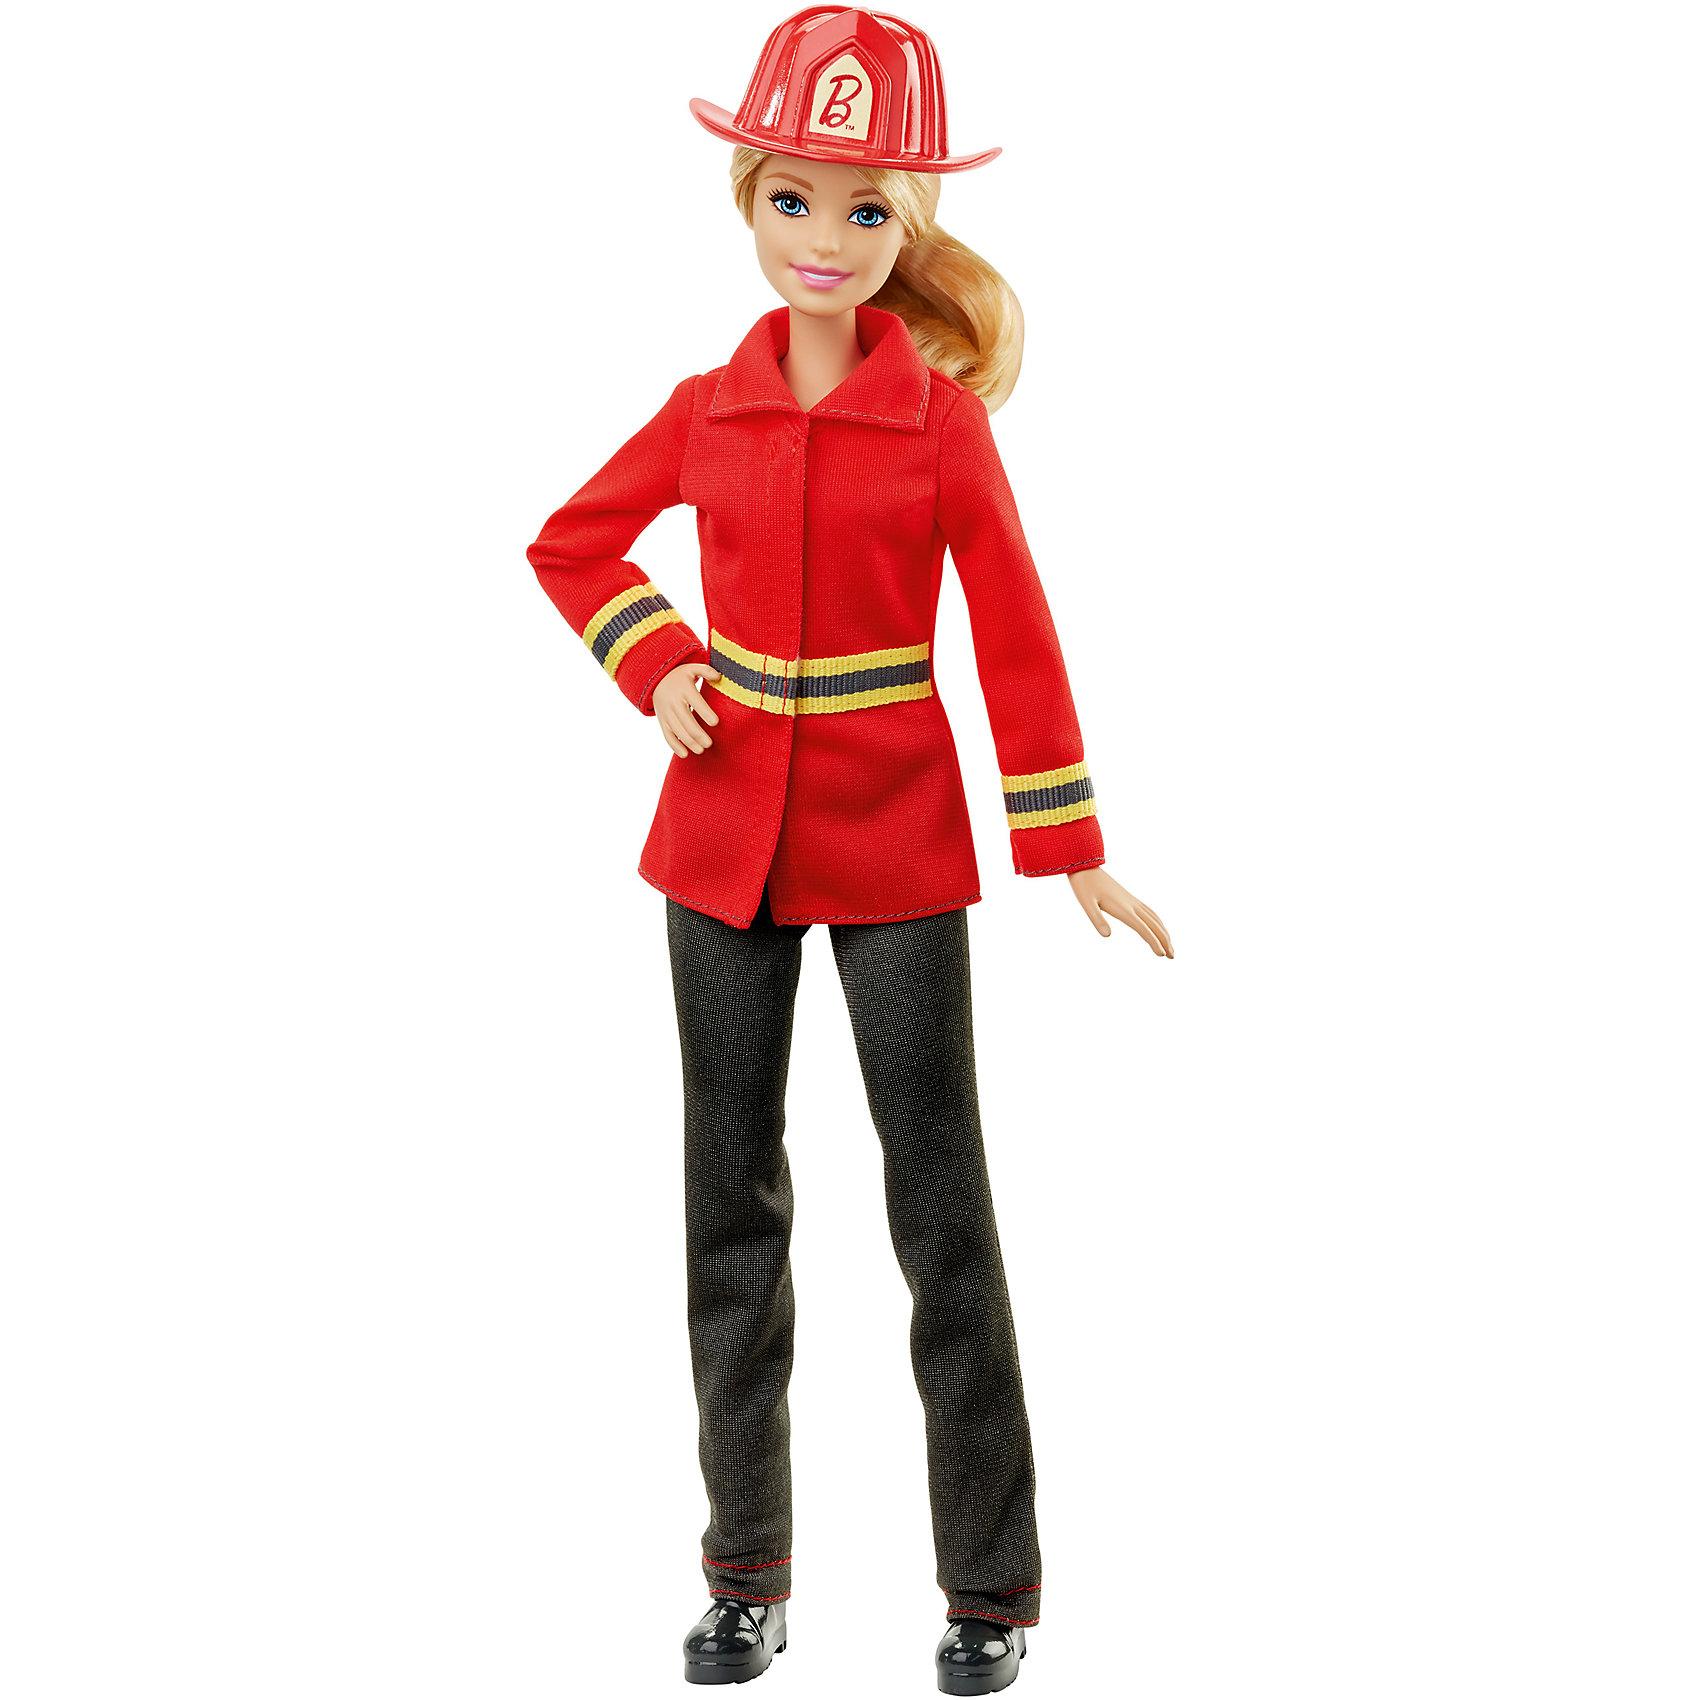 Кукла Barbie Пожарный из серии